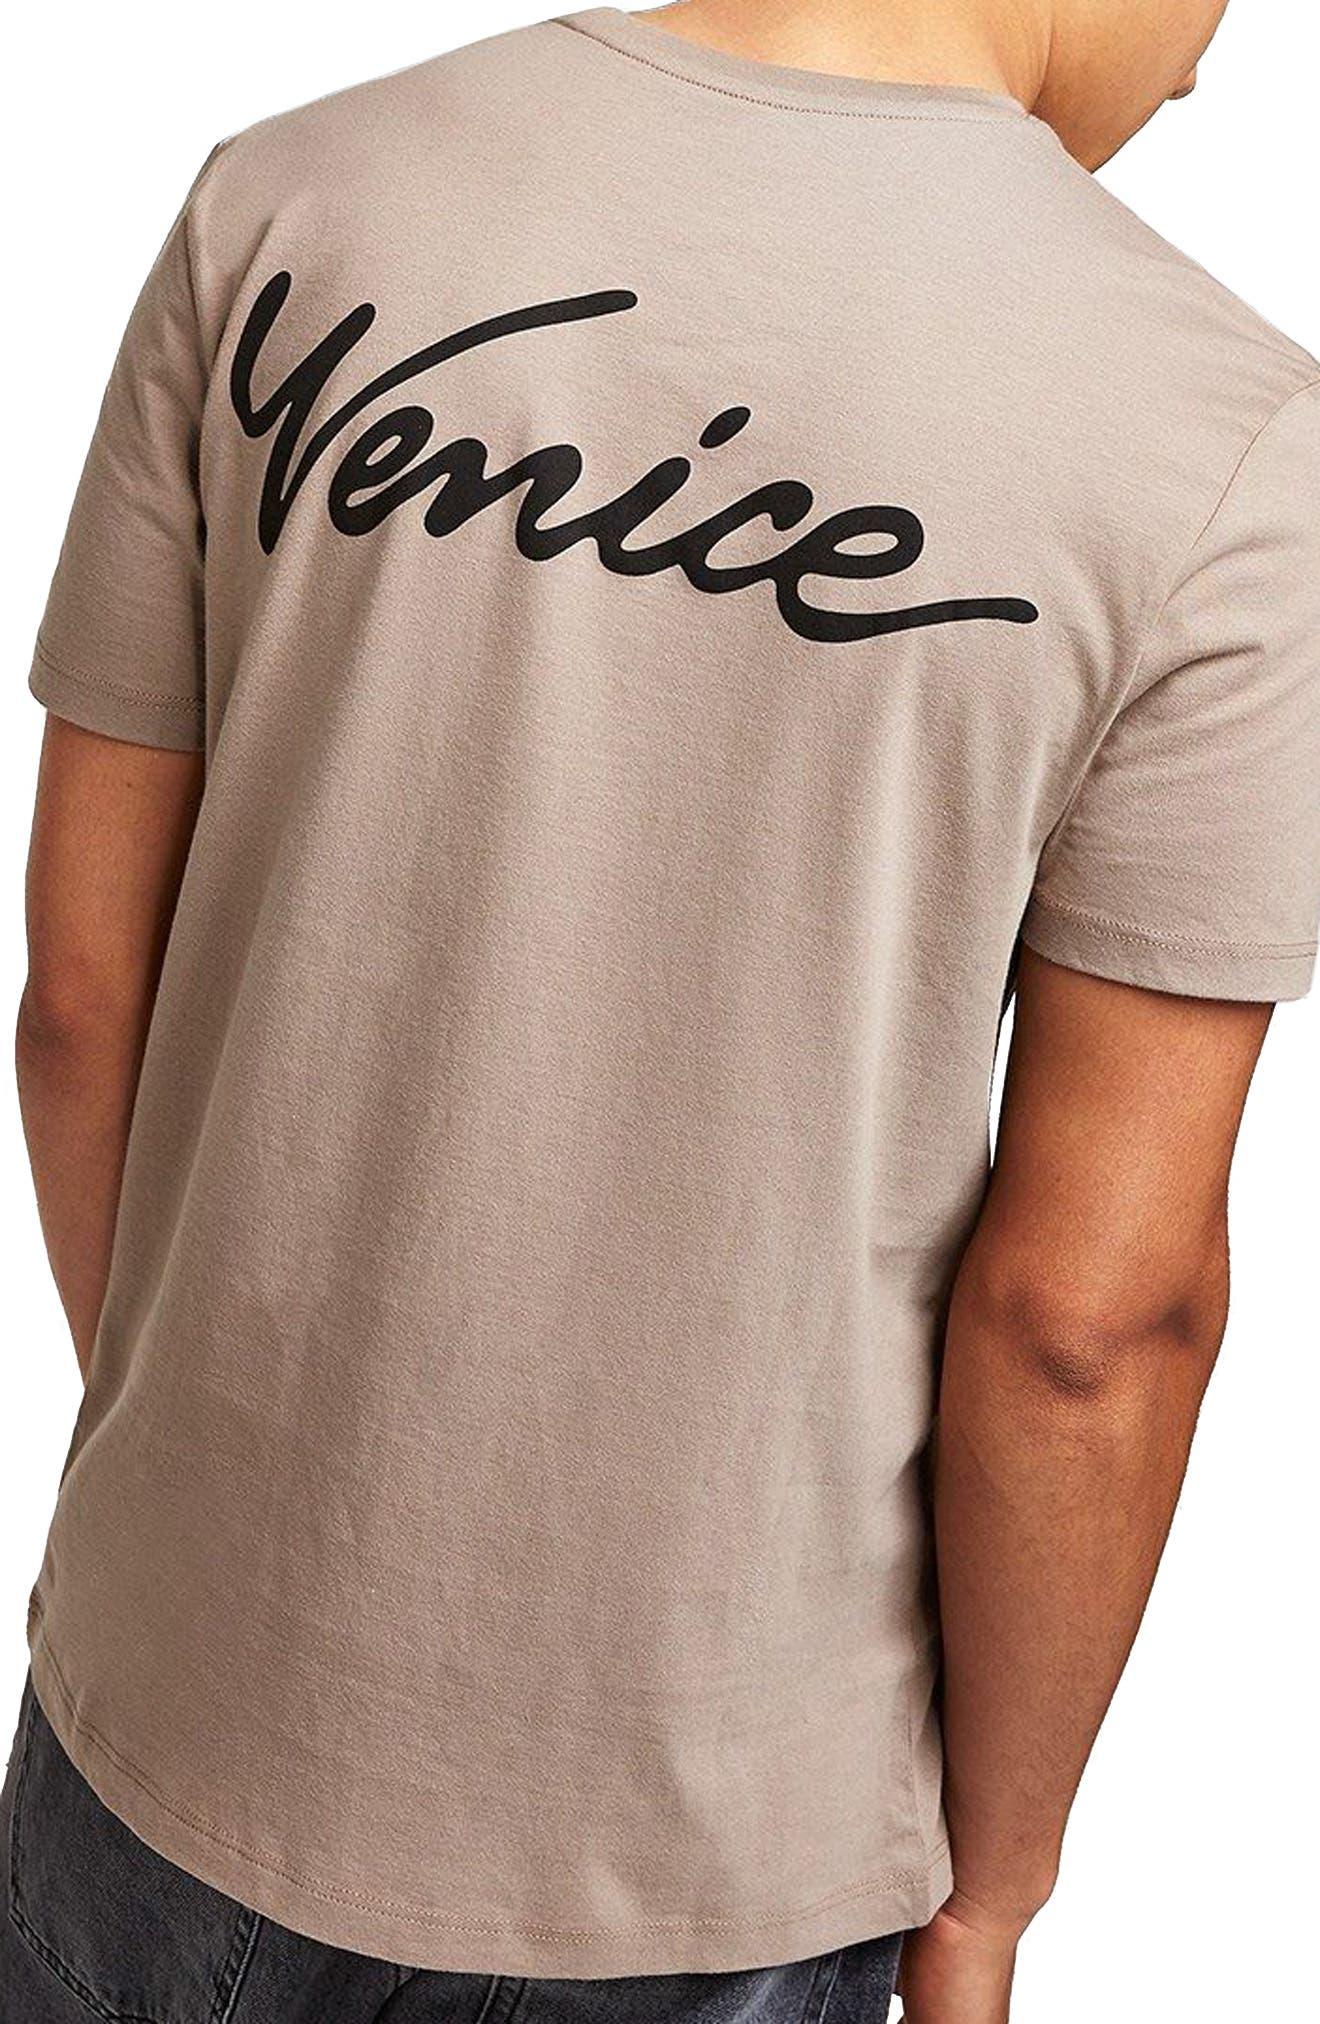 Slim Fit Venice Graphic T-Shirt,                             Alternate thumbnail 2, color,